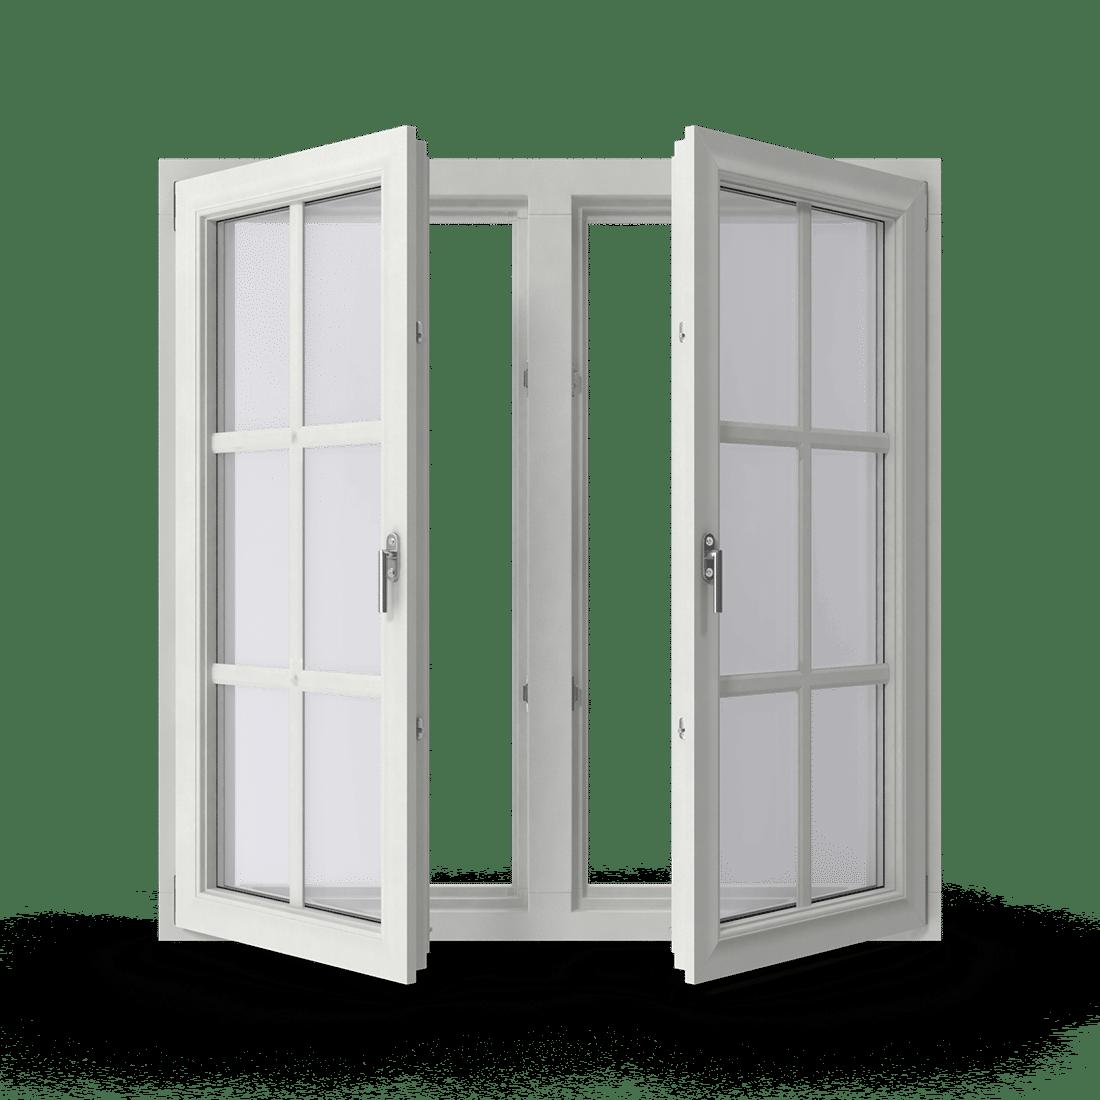 windowwss